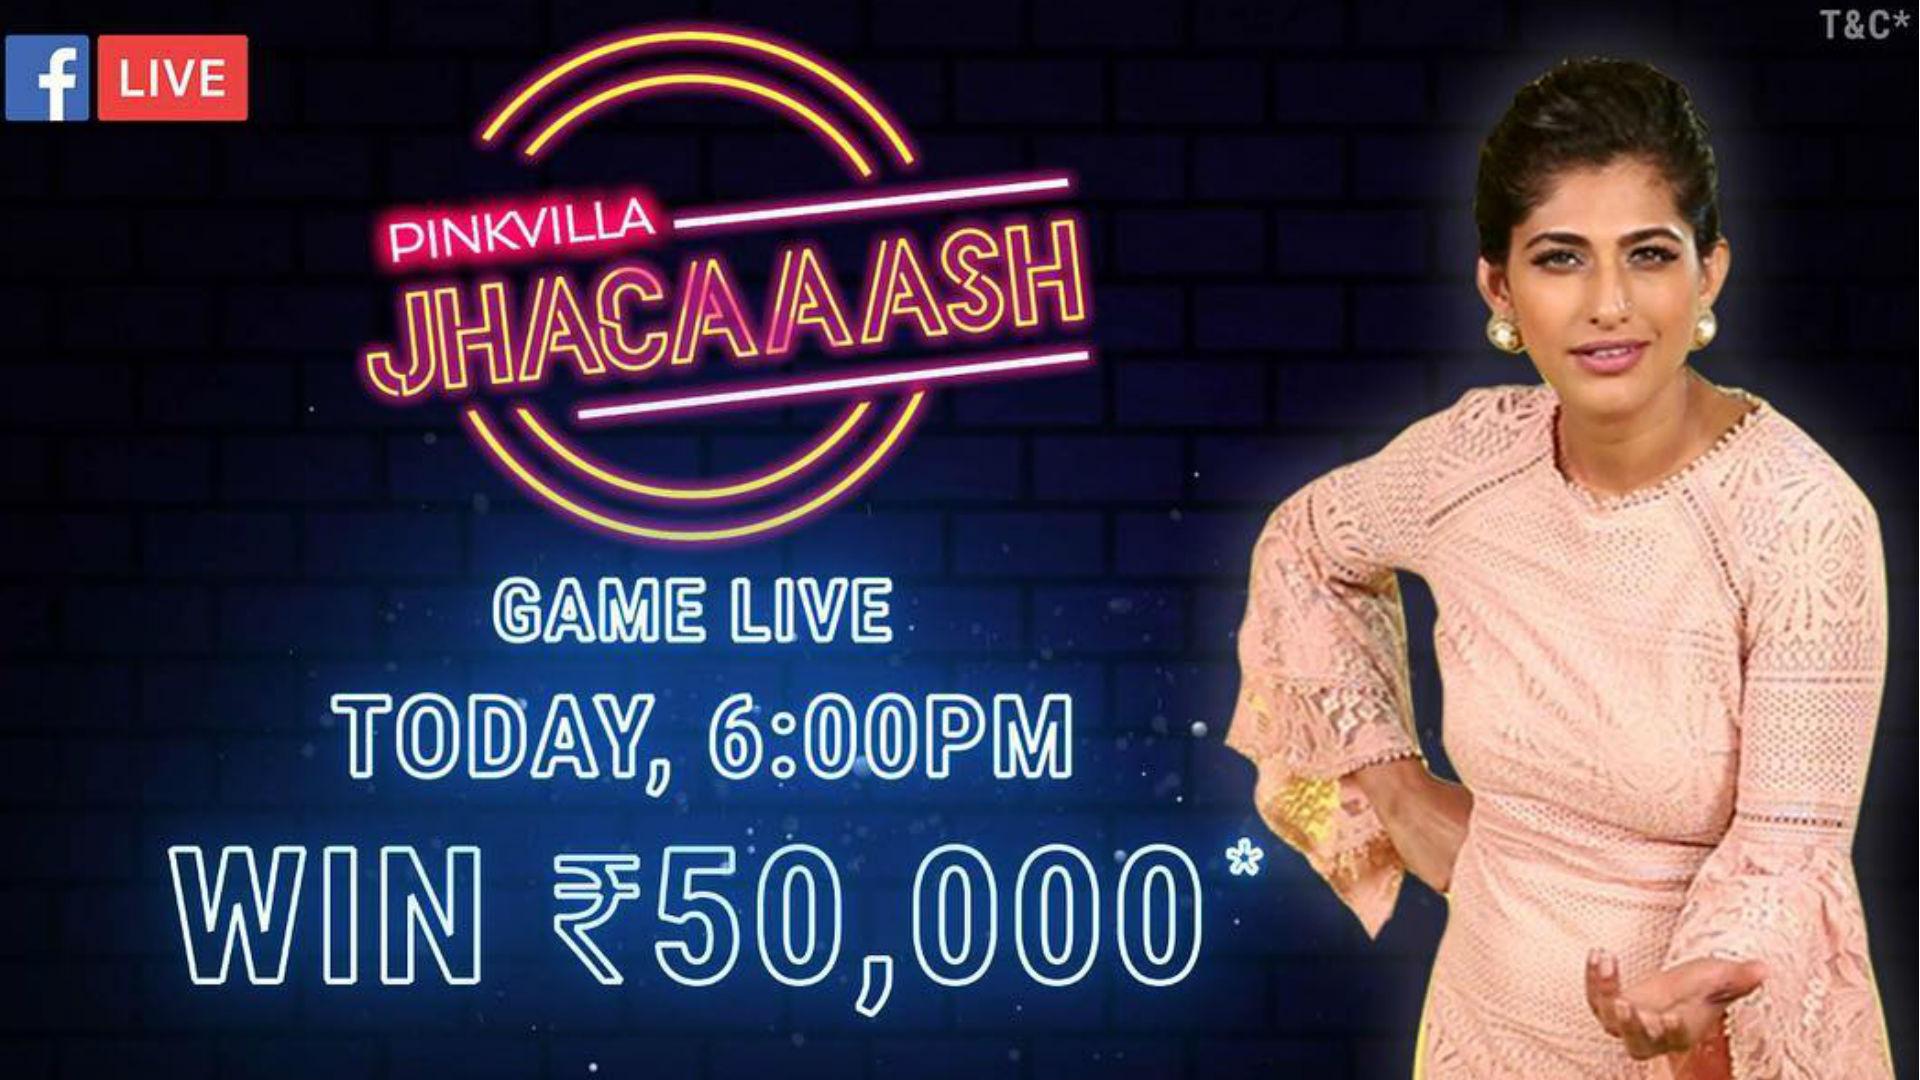 आज से शुरू हो रहा Jhacaaash, टेस्ट कीजिए अपना बॉलीवुड ज्ञान और ले जाइए 50 हजार रुपये तक